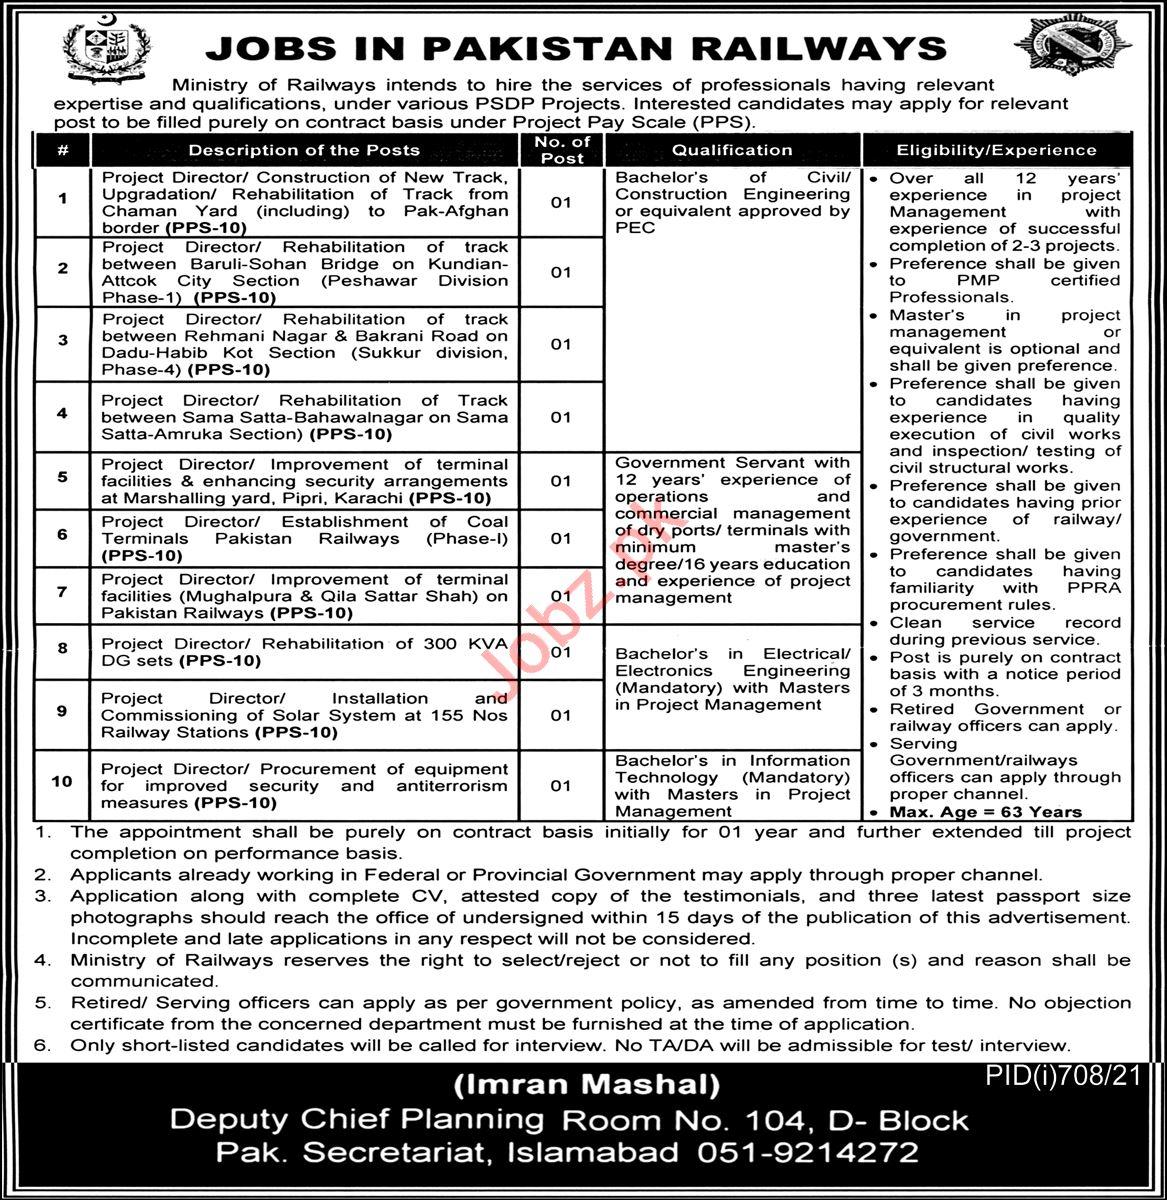 Pakistan Railways Jobs 2021 for Project Directors